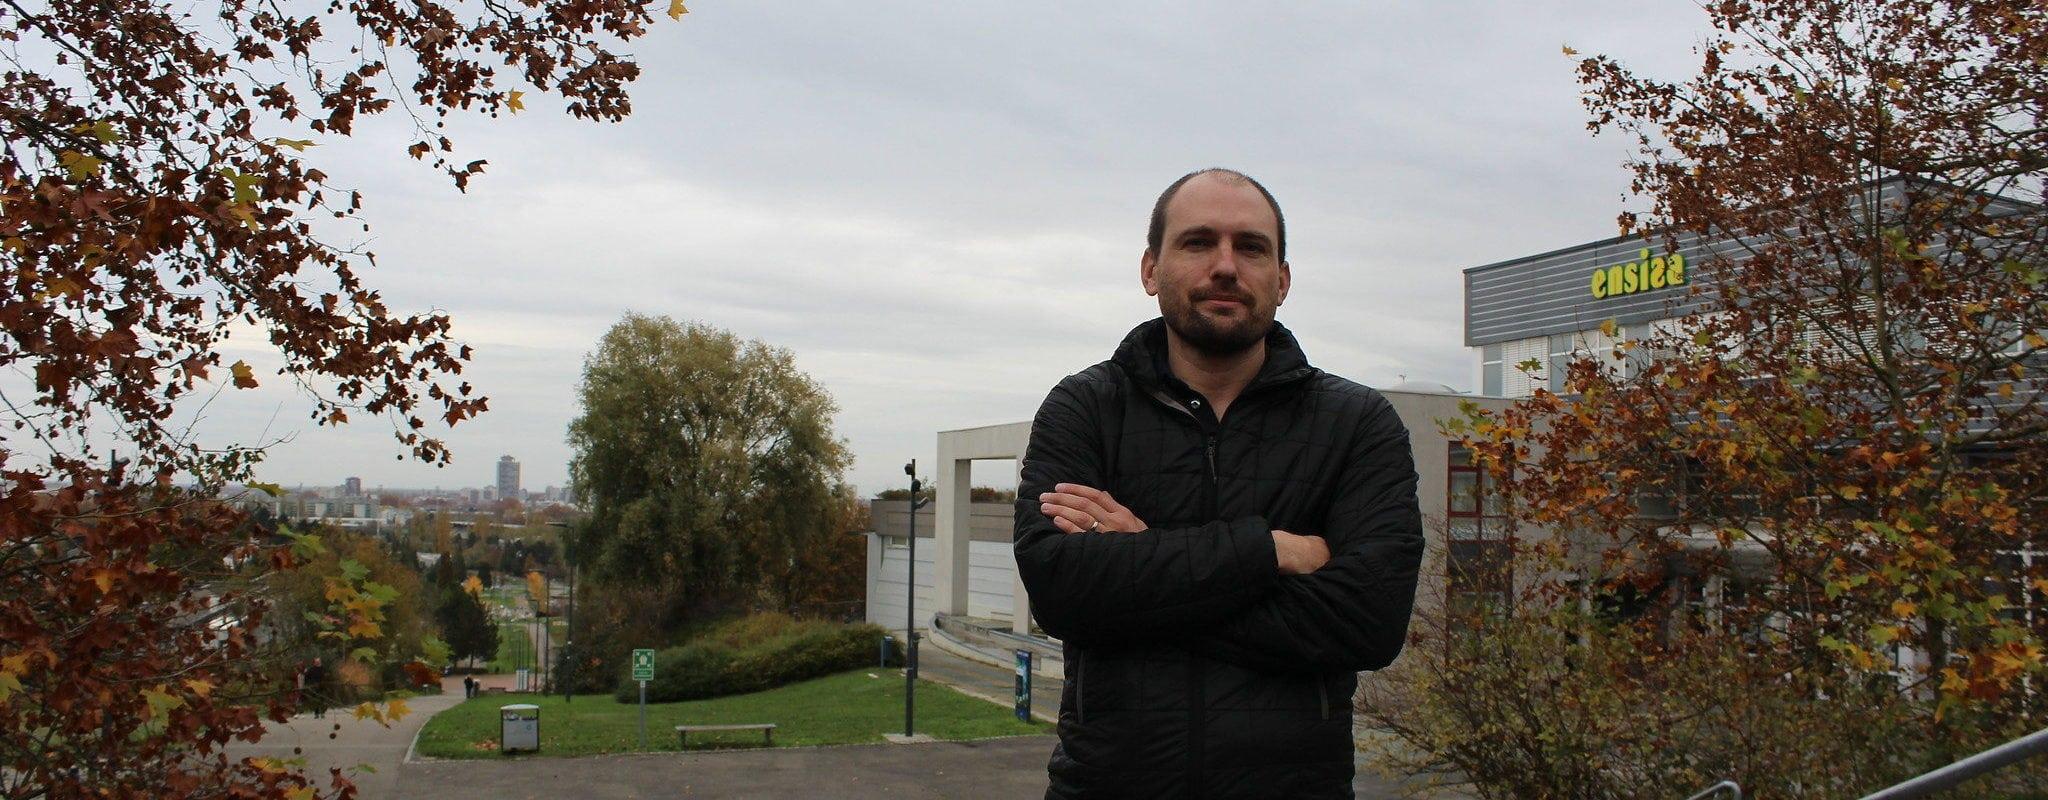 Professeur en informatique, Germain Forestier inspire scientifiques et gouvernants sur le Covid